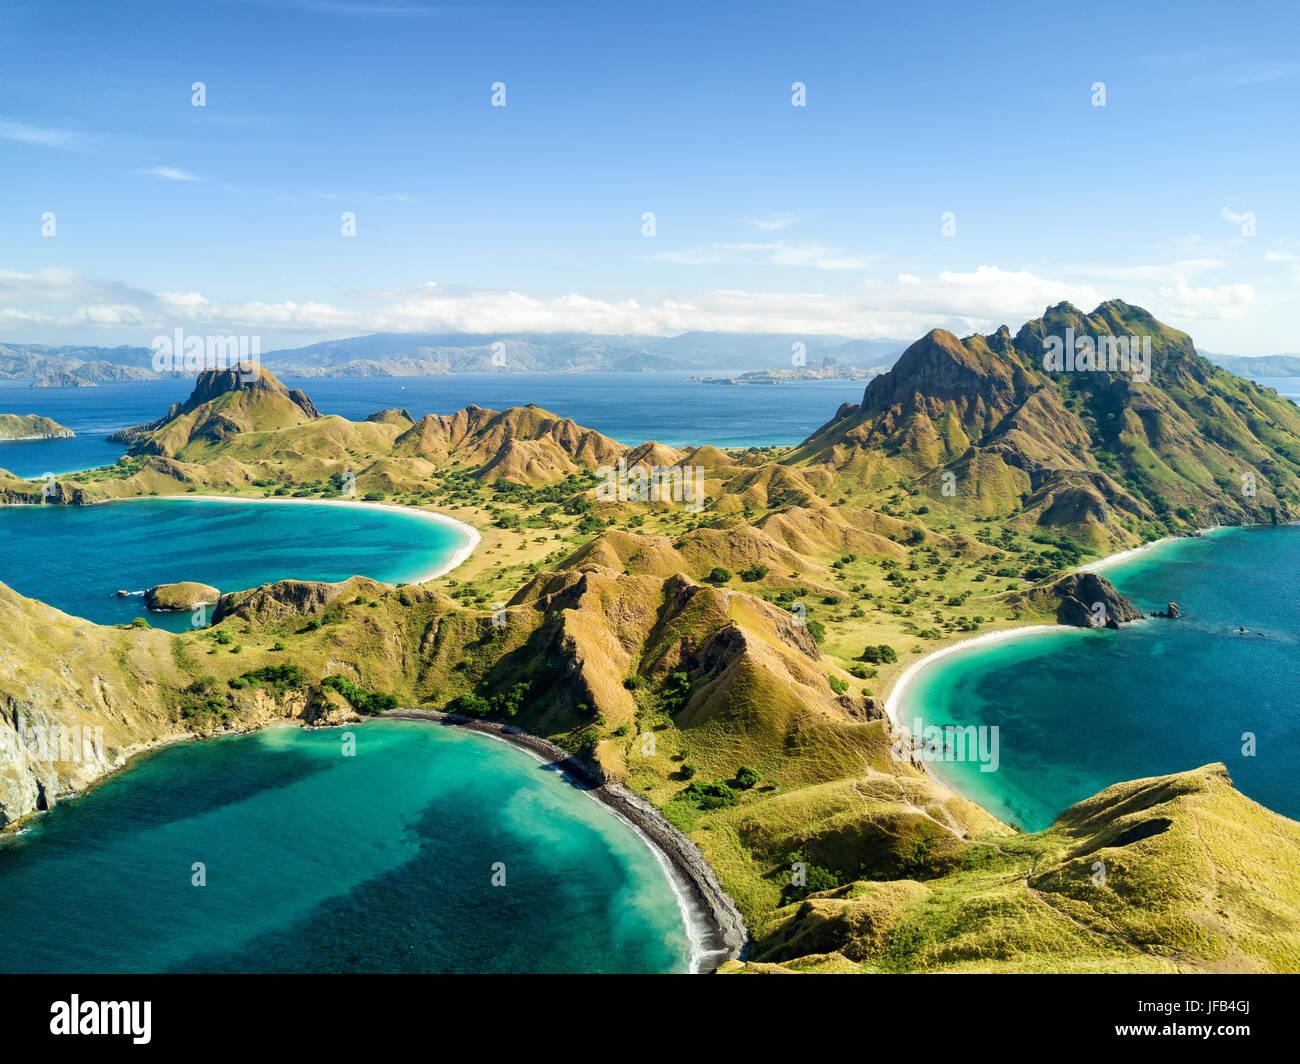 Aerial View Of Pulau Padar Island In Between Komodo And